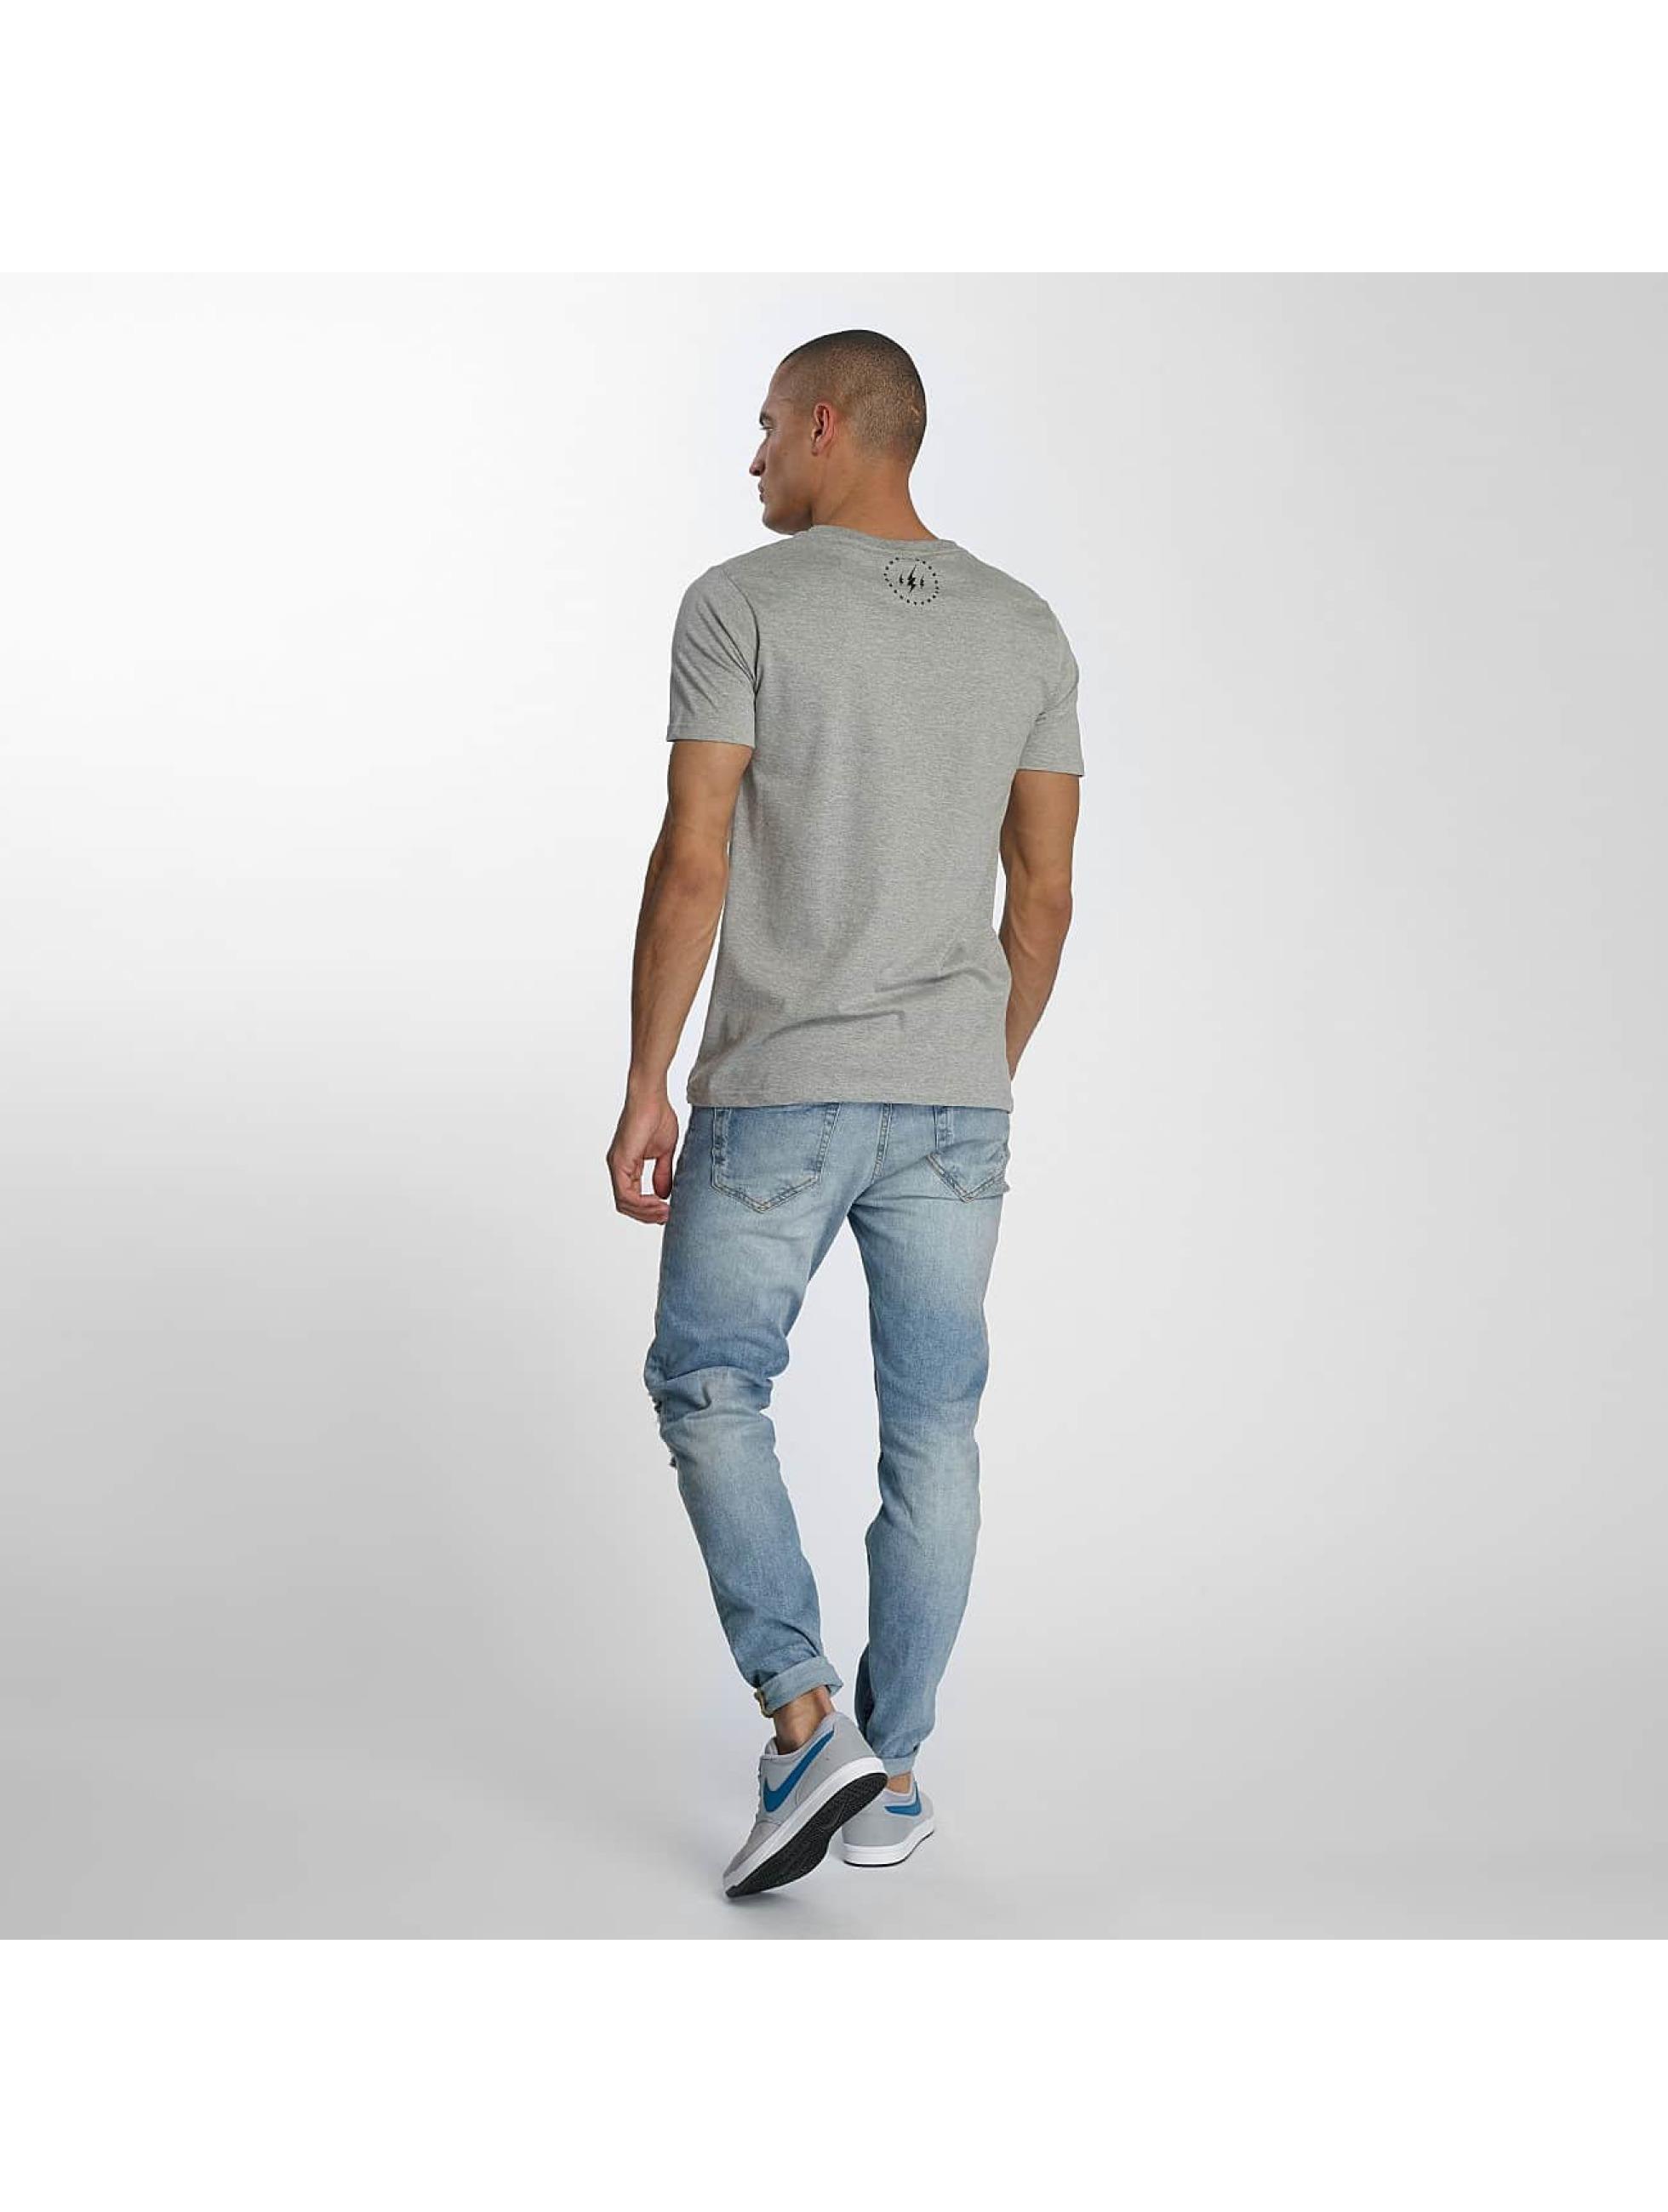 TrueSpin T-Shirt 1 gray